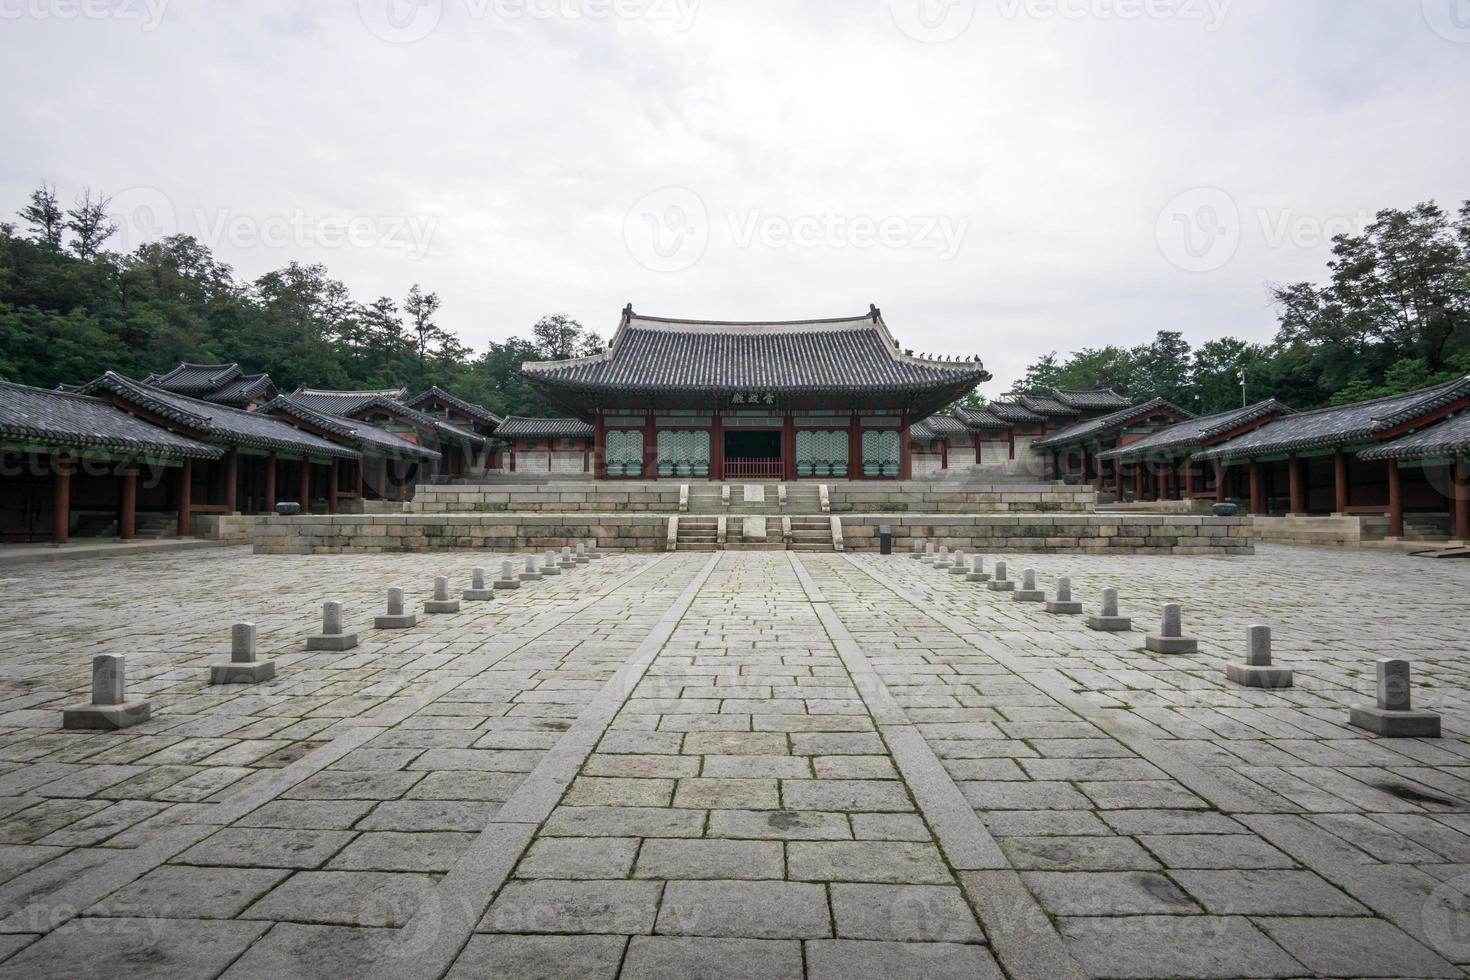 Gyeonghui Gung Palast Landschaft foto